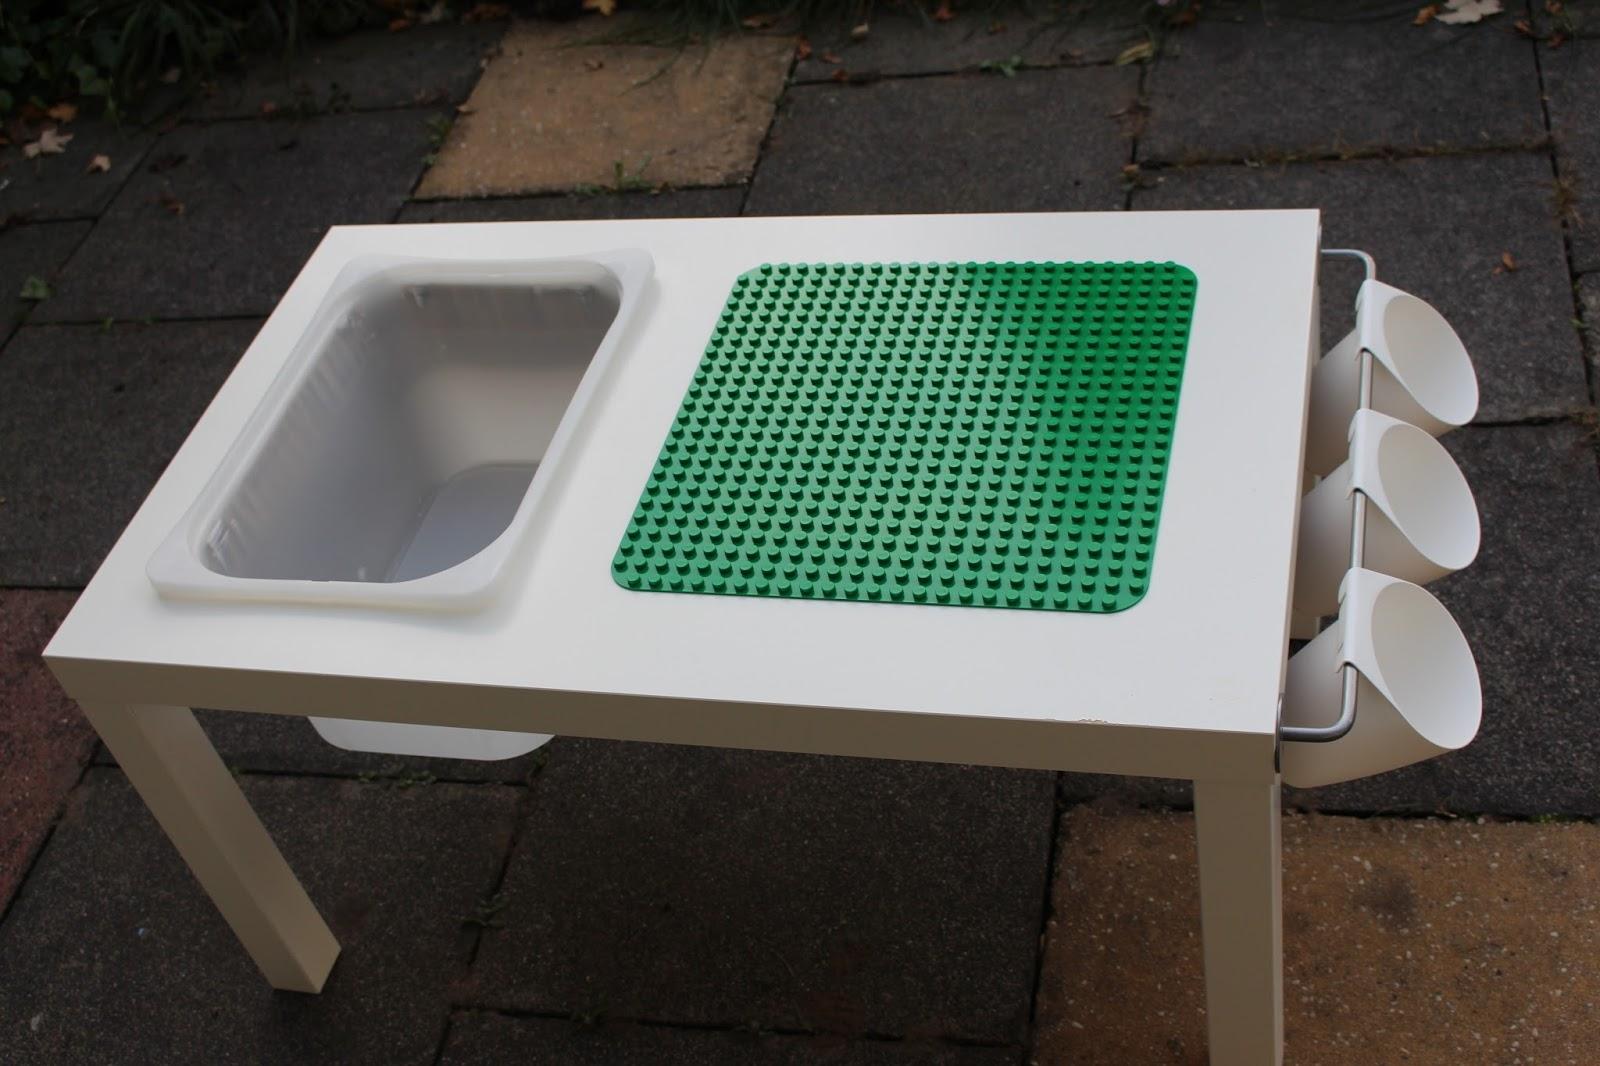 legotisch kinderzimmer t lego tisch lego und tisch. Black Bedroom Furniture Sets. Home Design Ideas